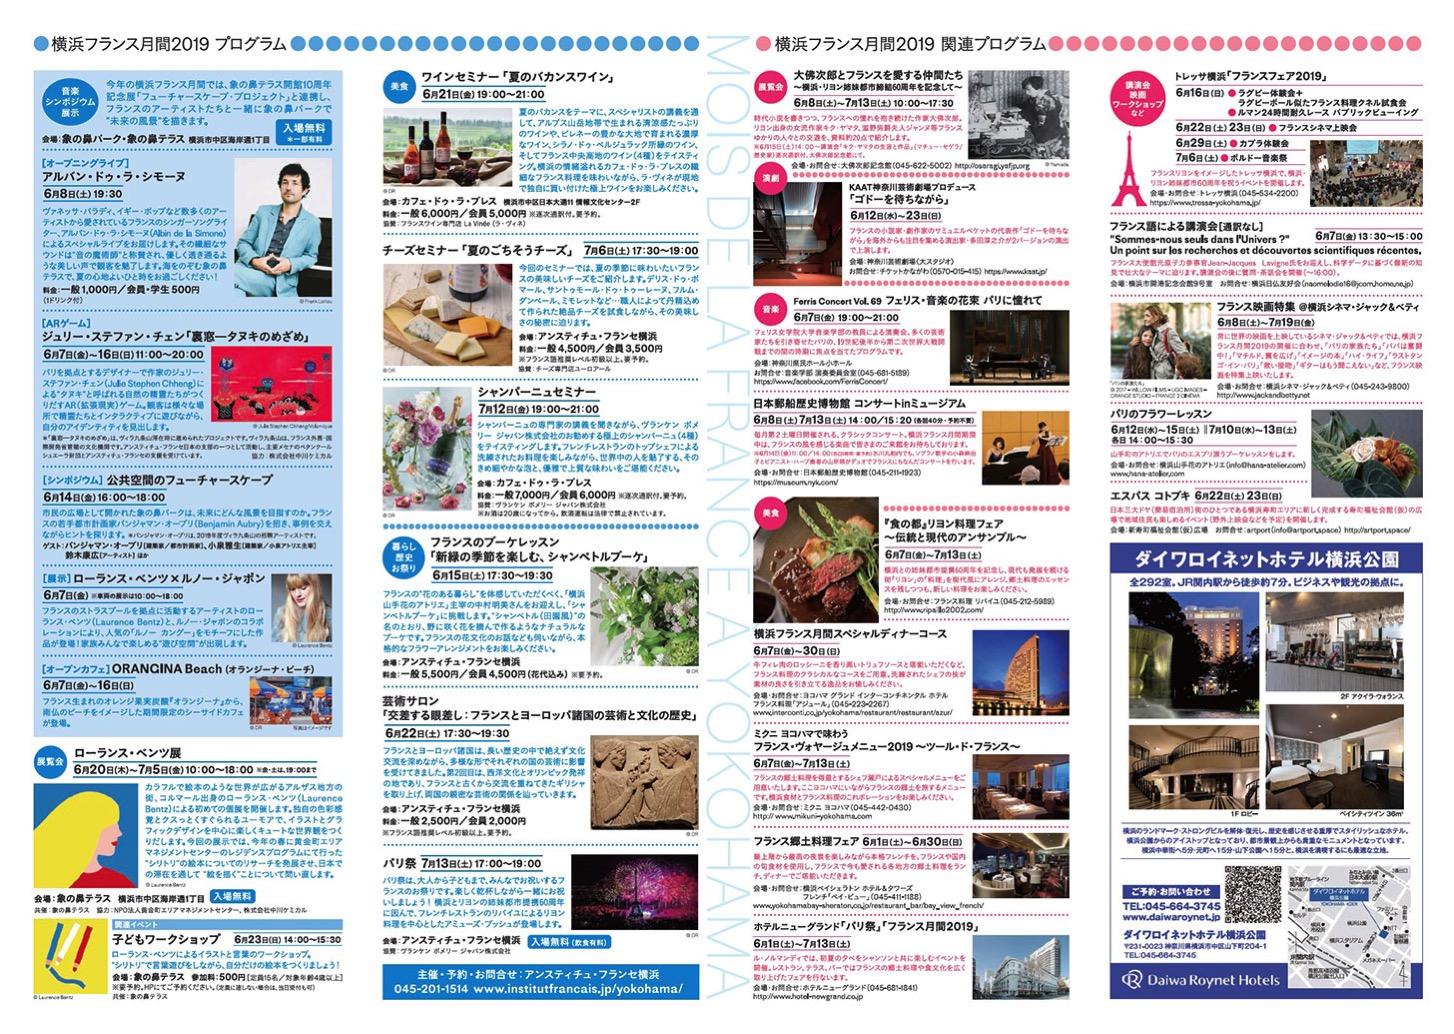 横浜フランス月間 各プログラム